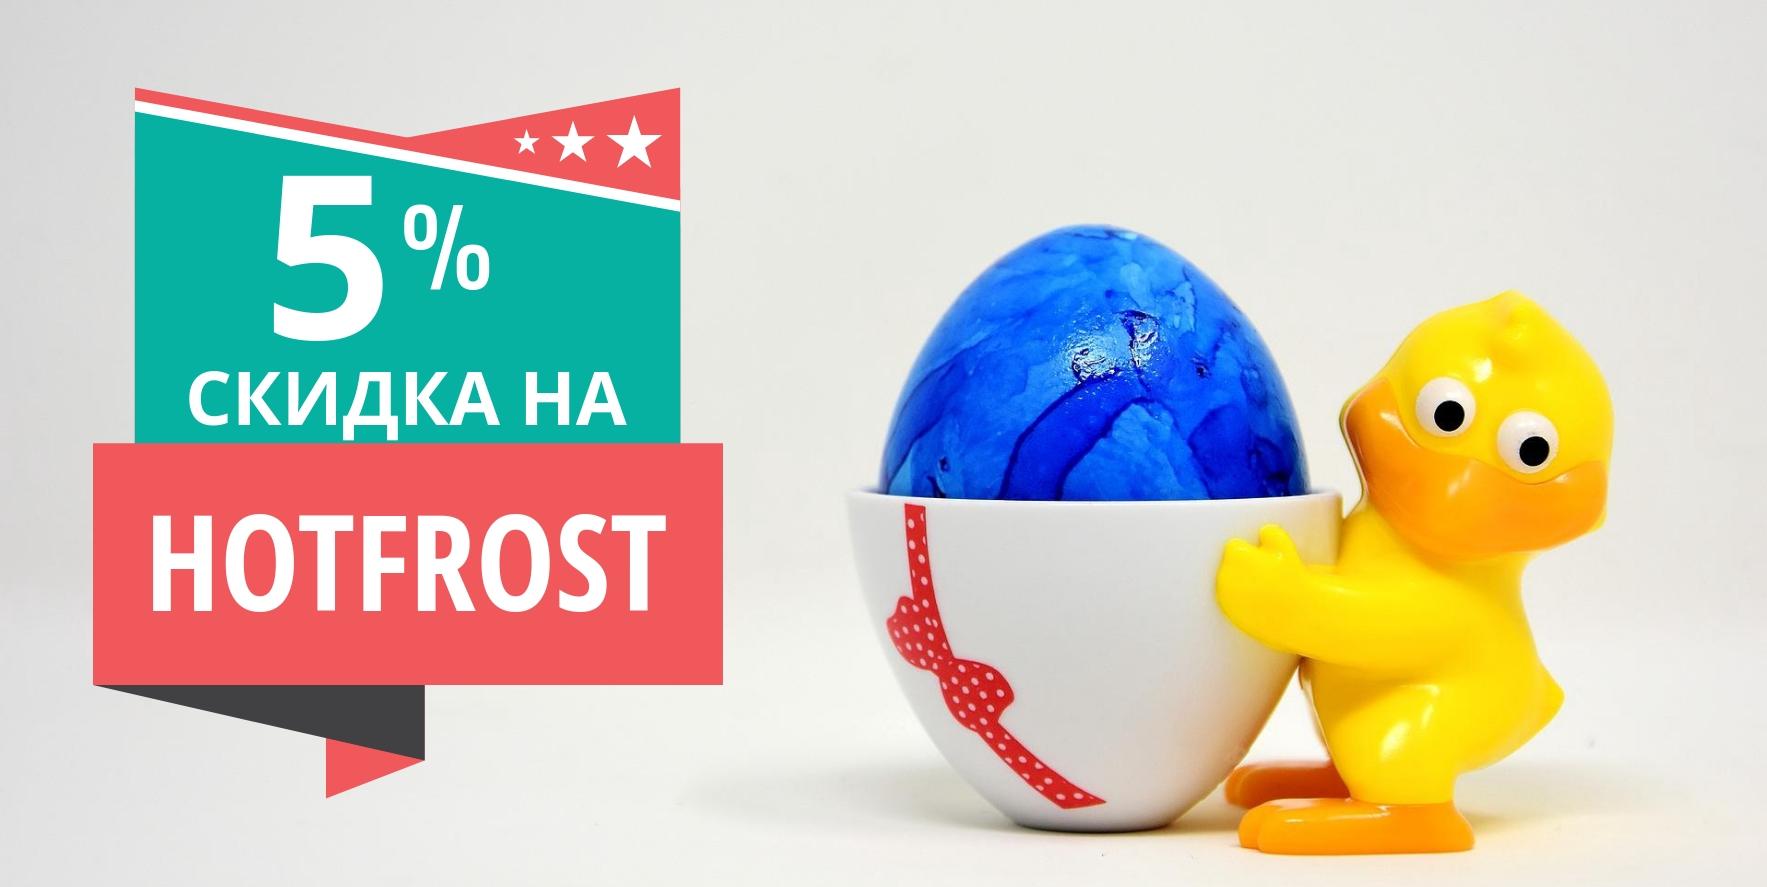 5% скидки на HotFrost